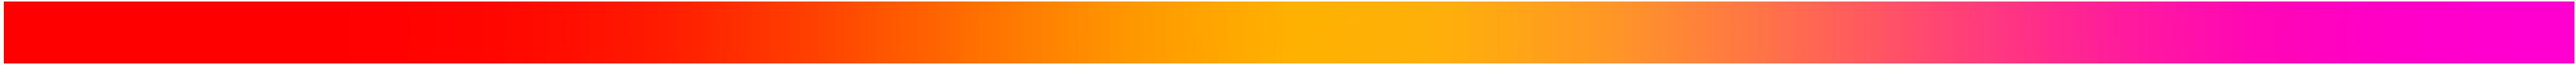 『曝光奖』评委 Q&A   曹丹:数字技术会继续深入我们的视域 曹丹 评委 数字 技术 视域 获奖者 Goudal 徐冠宇 部分 作品 崇真艺客